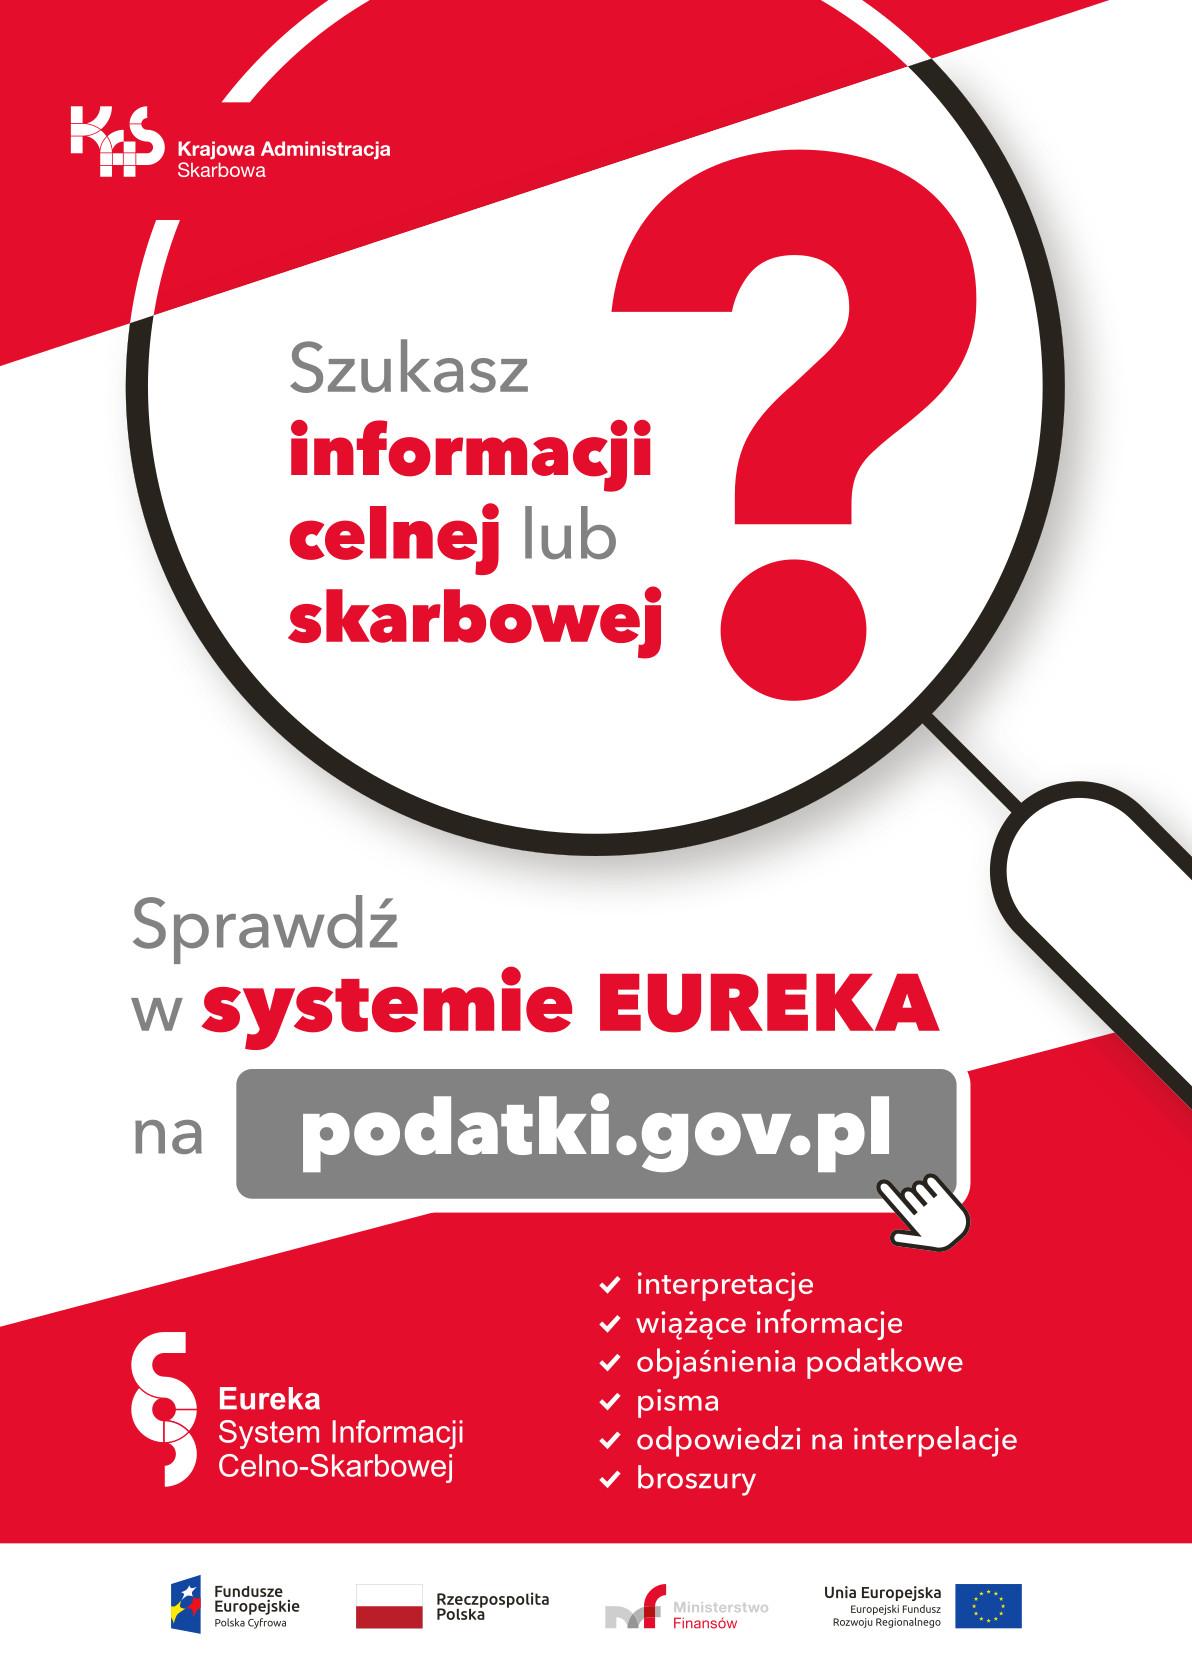 System EUREKA - interpretacje i objaśnienia podatkowe, informacje stawkowe i akcyzowe w jednym miejscu